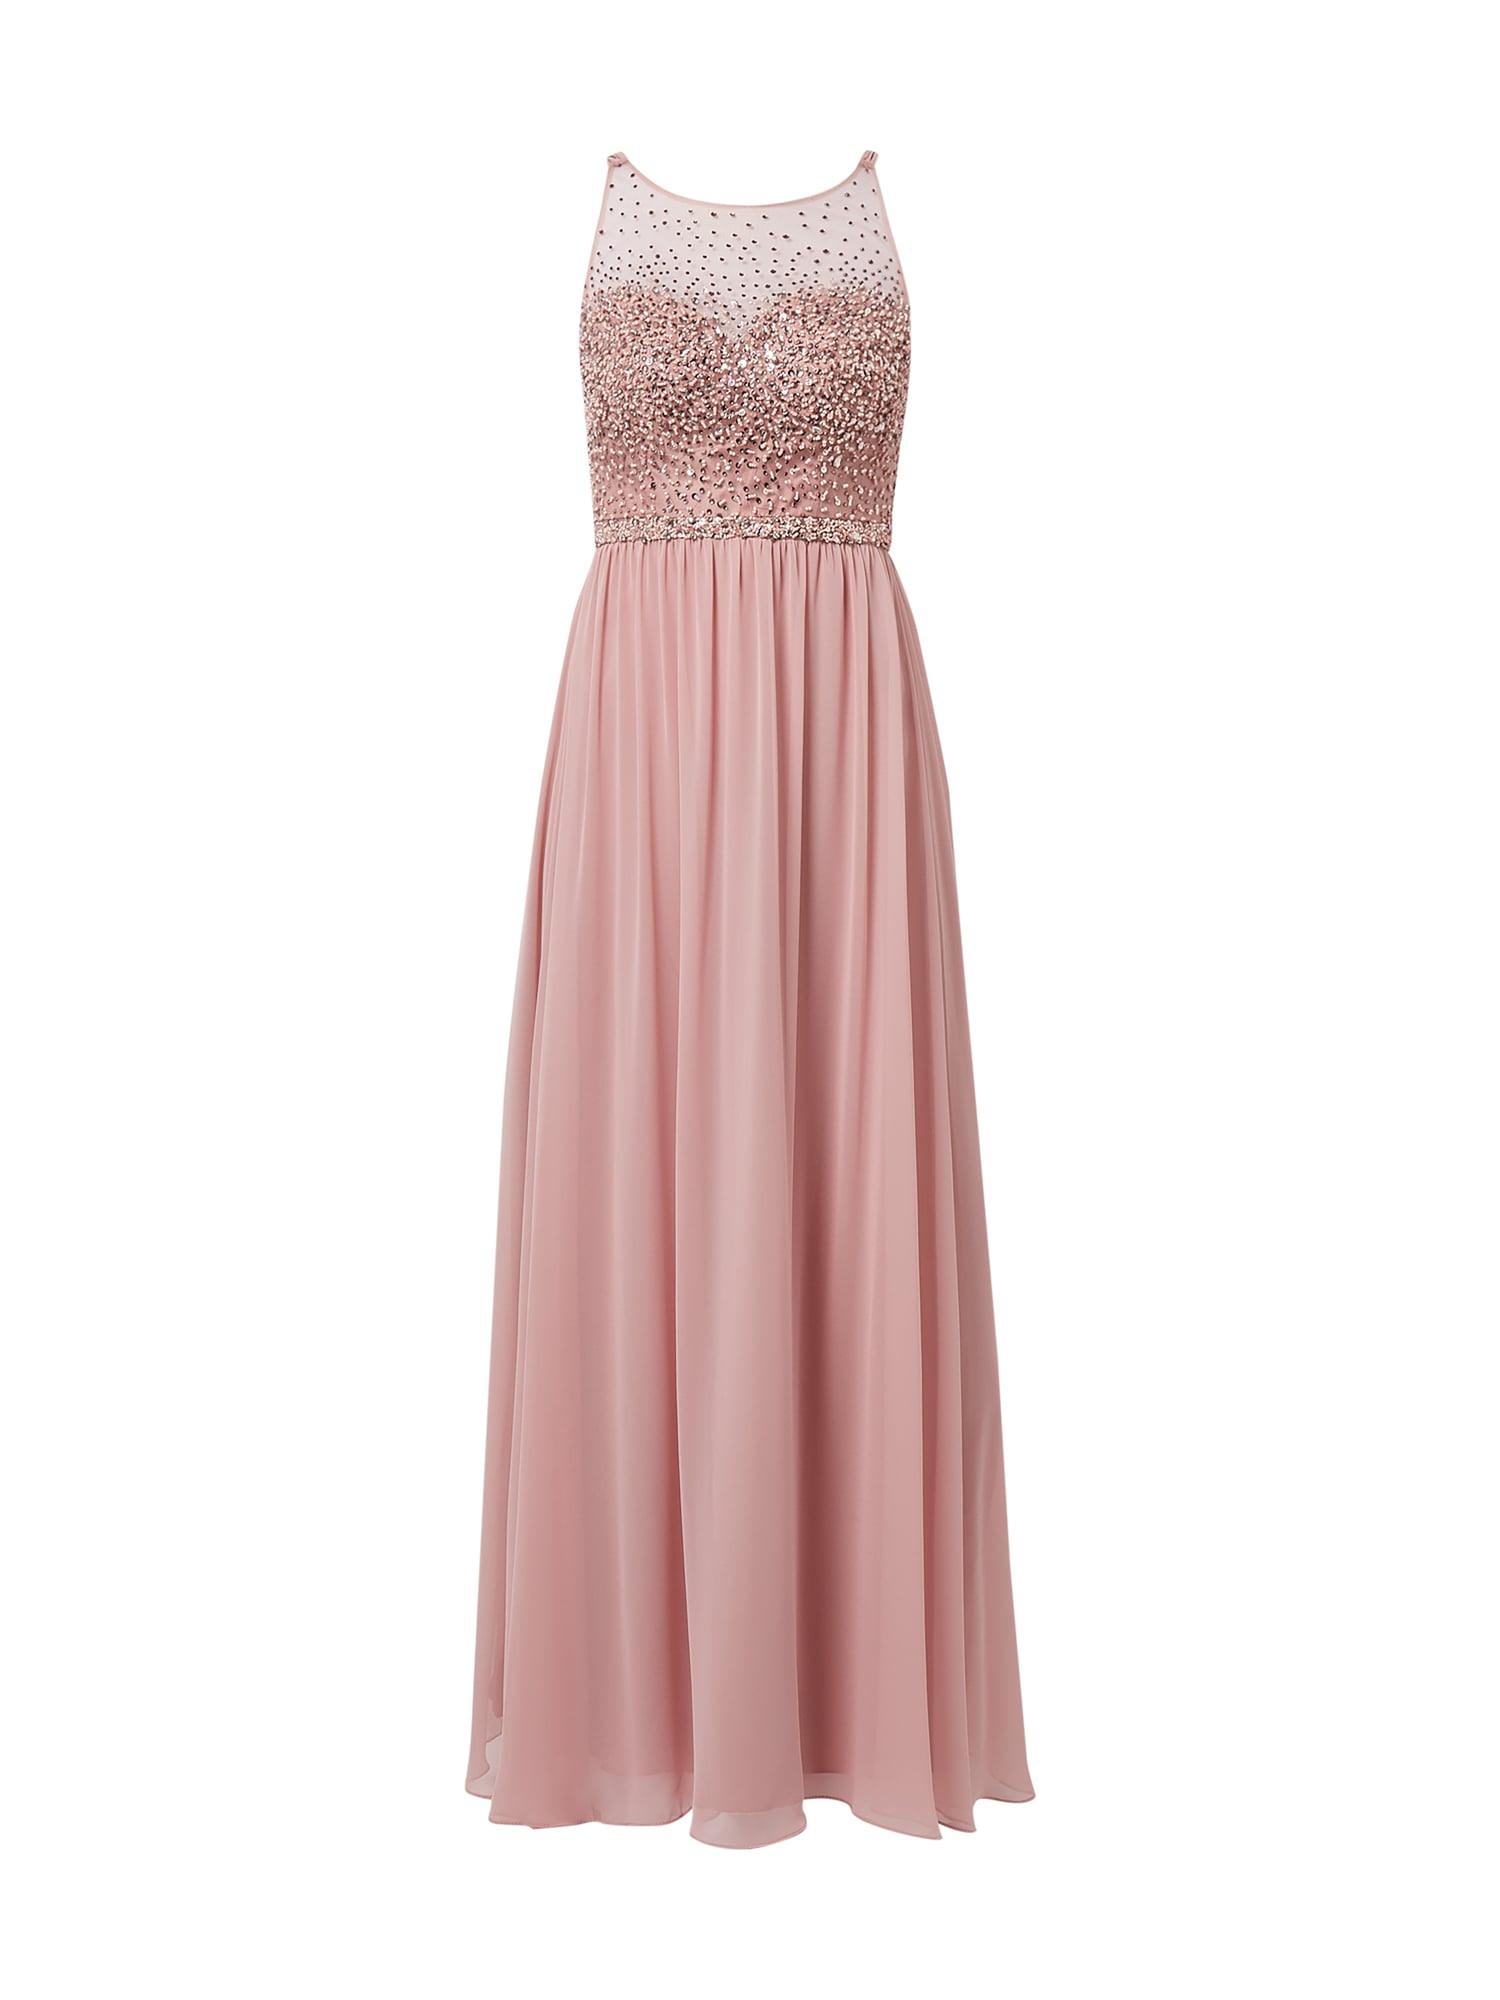 Top Abend Kleid Rose Spezialgebiet20 Genial Abend Kleid Rose Vertrieb